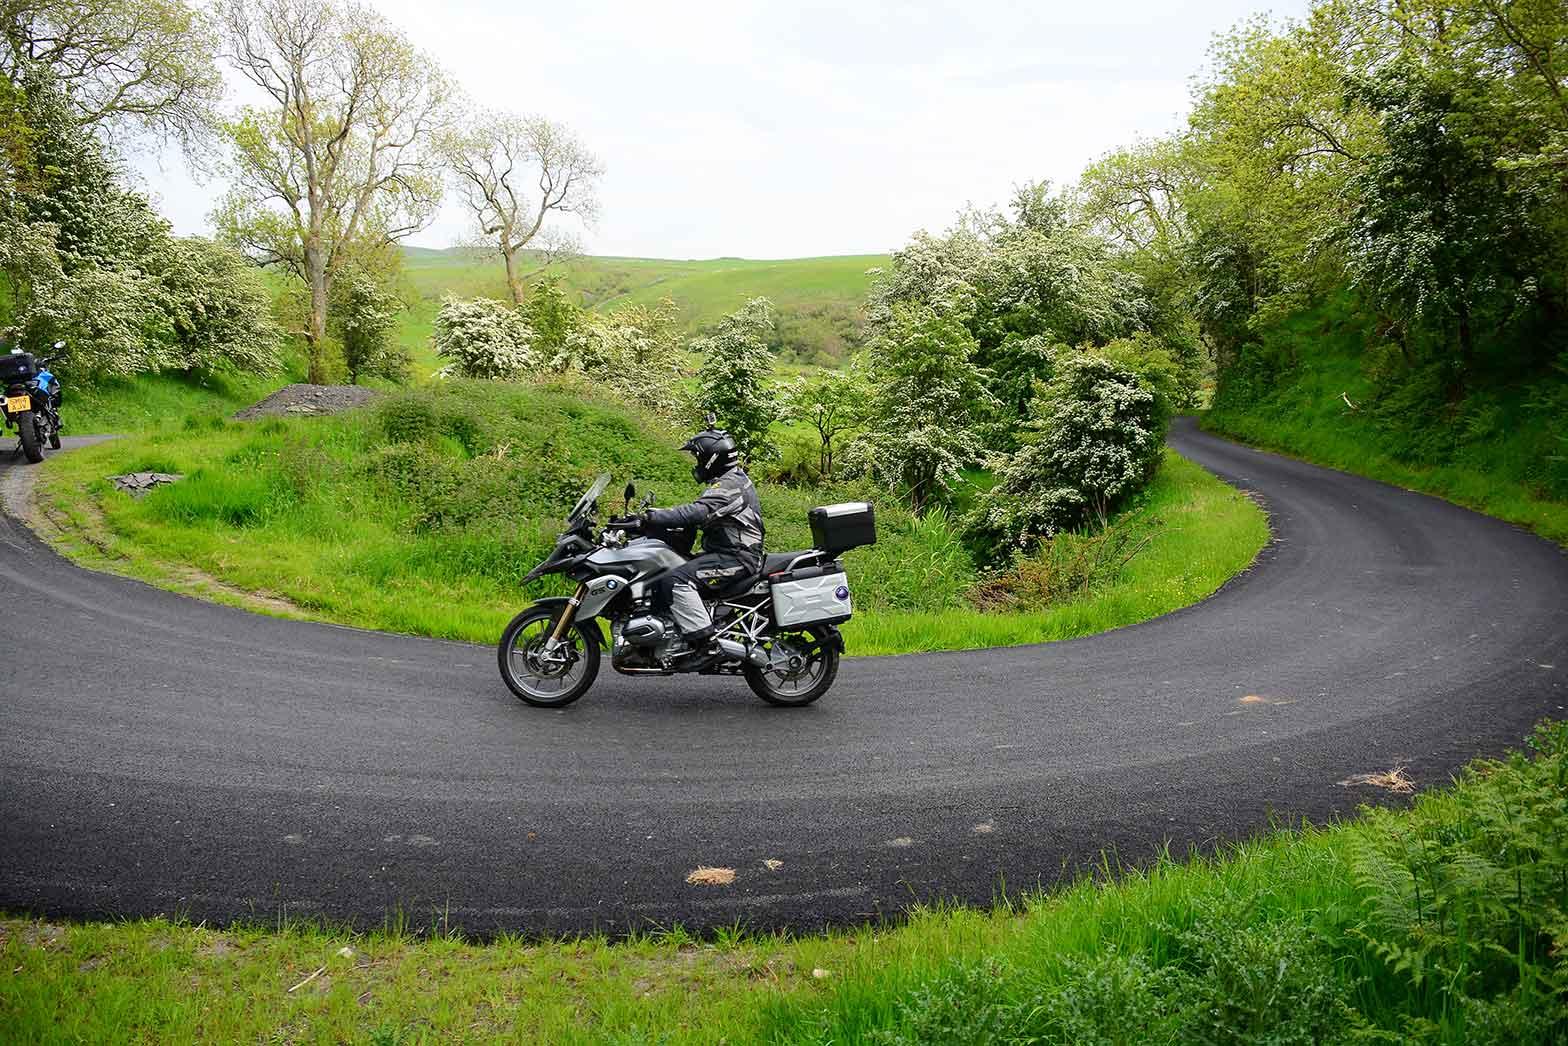 Small twisty back roads